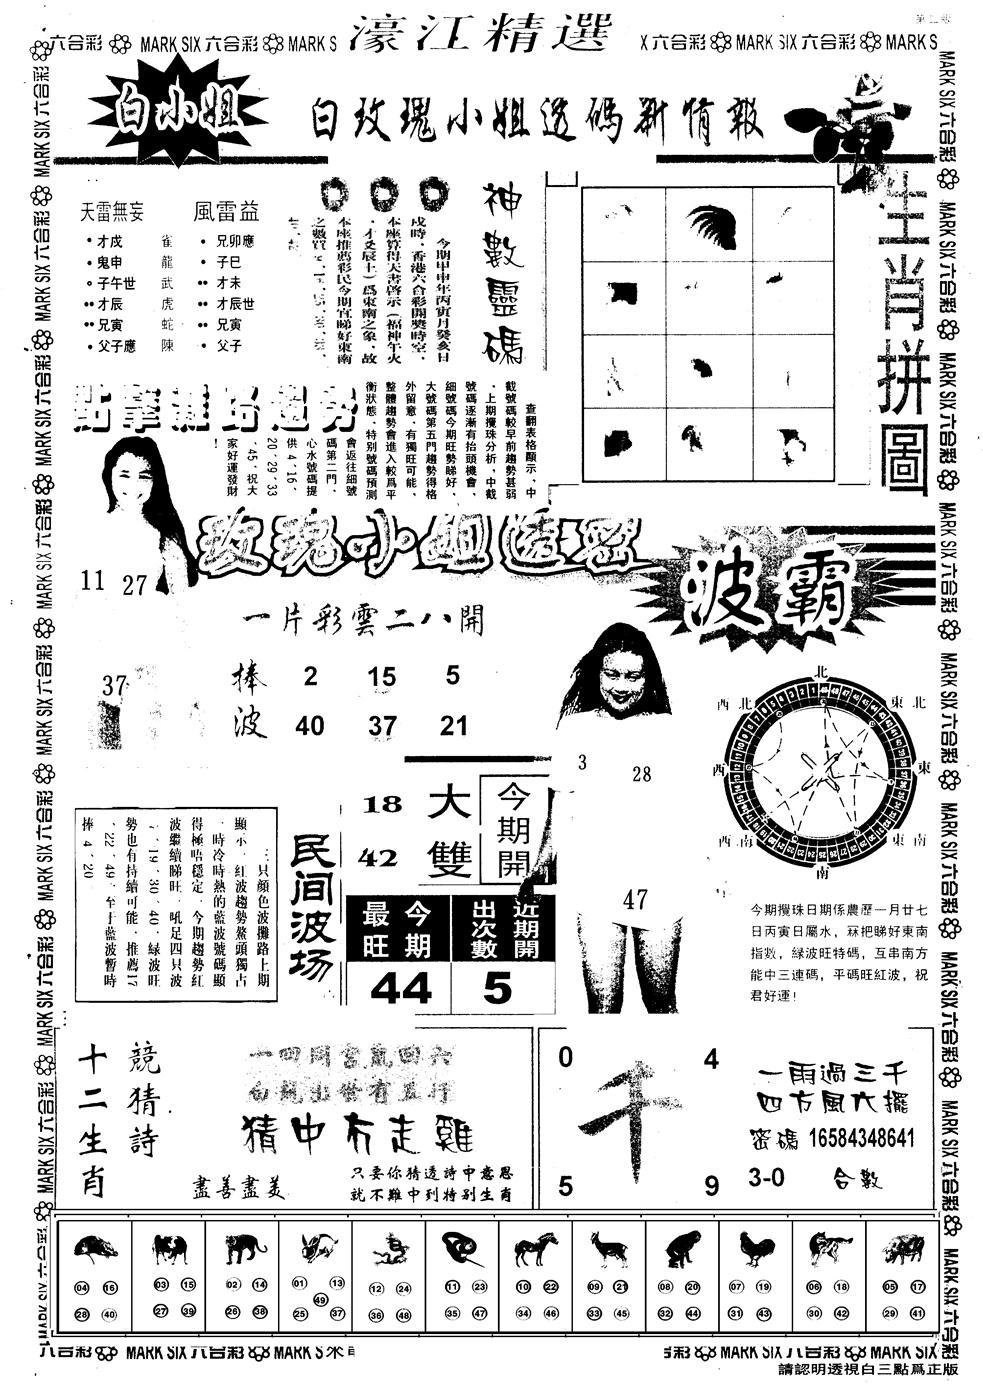 079期另版濠江精选B(黑白)